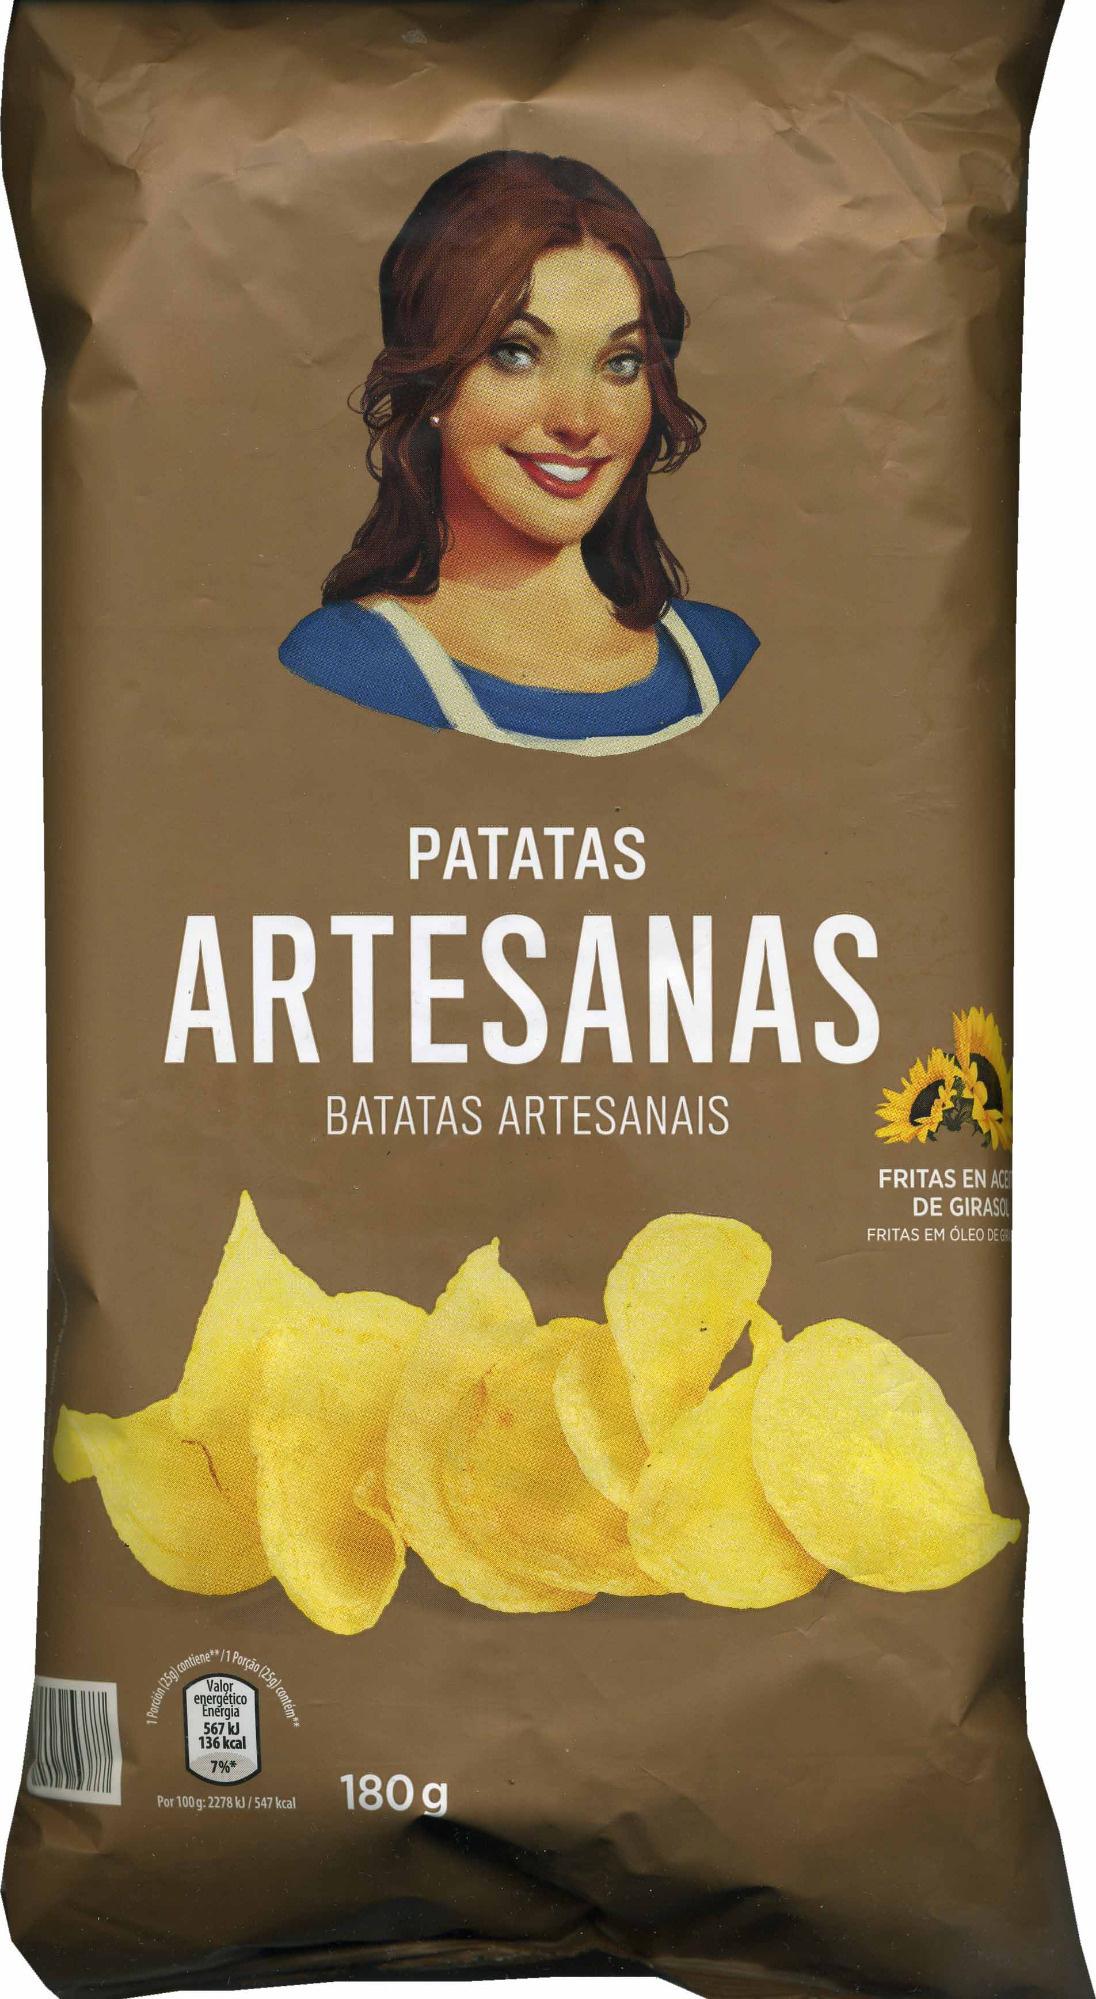 Patatas fritas lisas Artesanas - Product